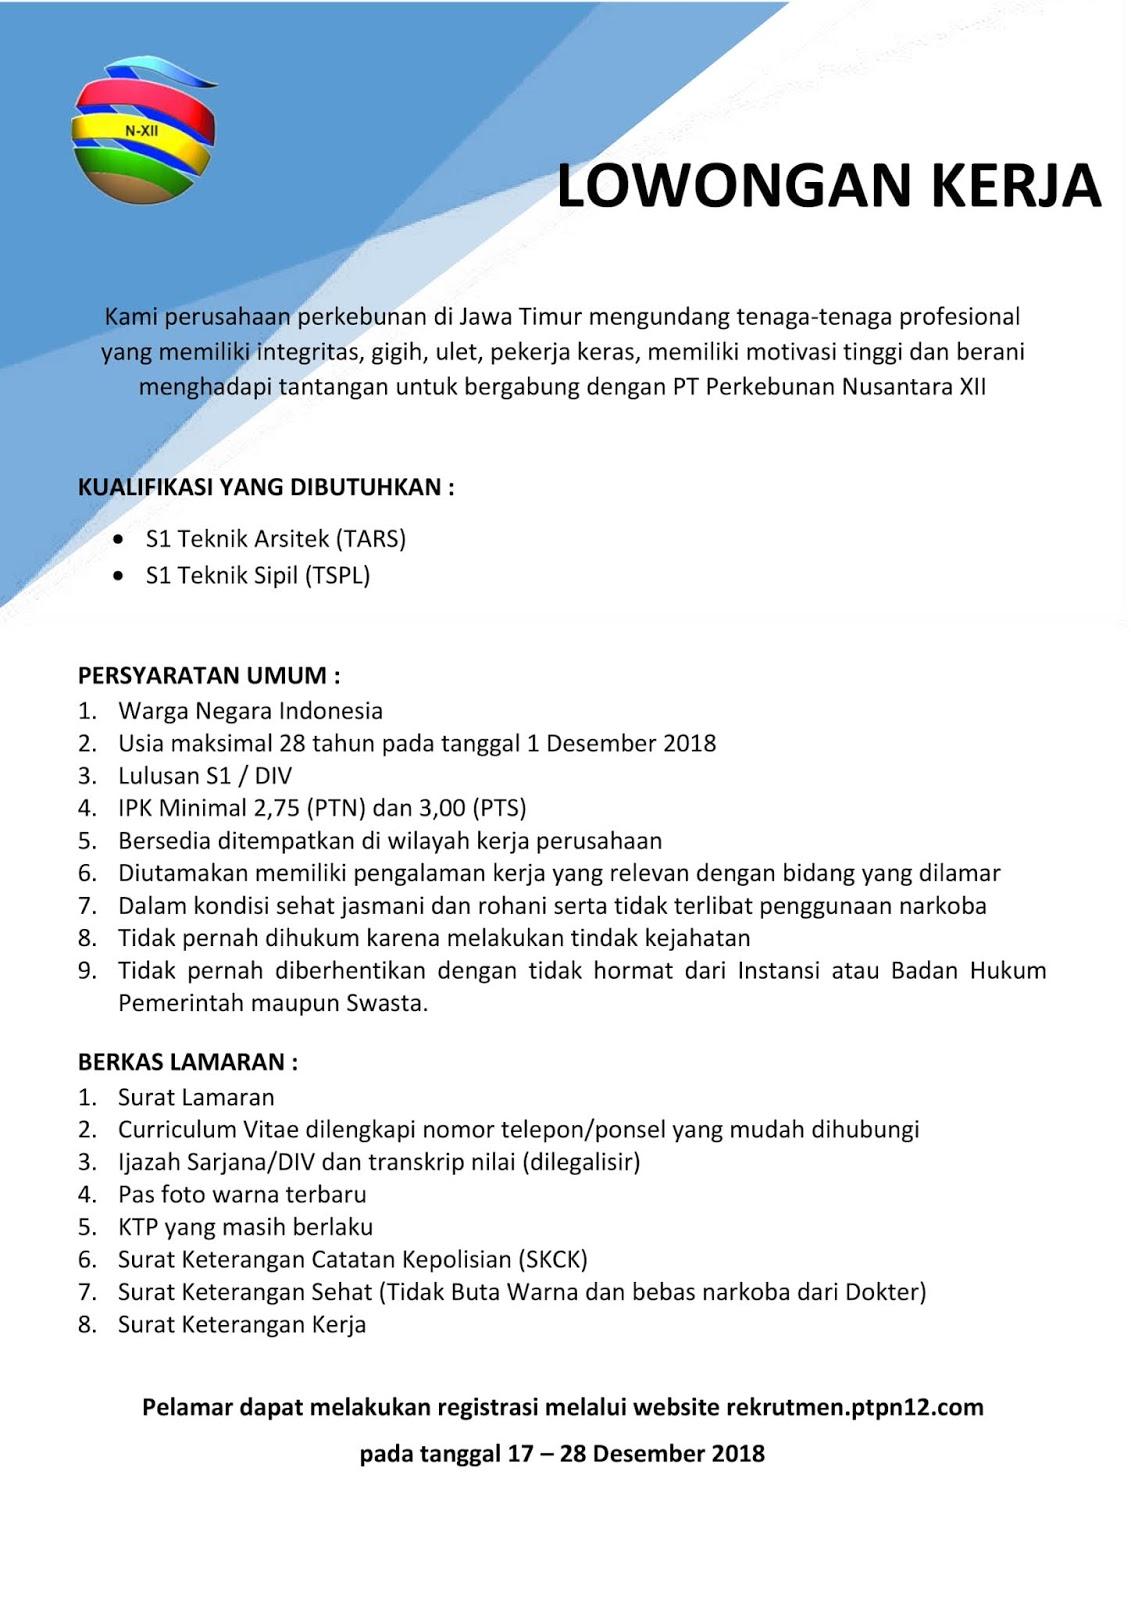 Lowongan Kerja Pt Perkebunan Nusantara Xii Deadline 28 Desember 2018 Rekrutmen Dan Lowongan Kerja Bulan Februari 2021